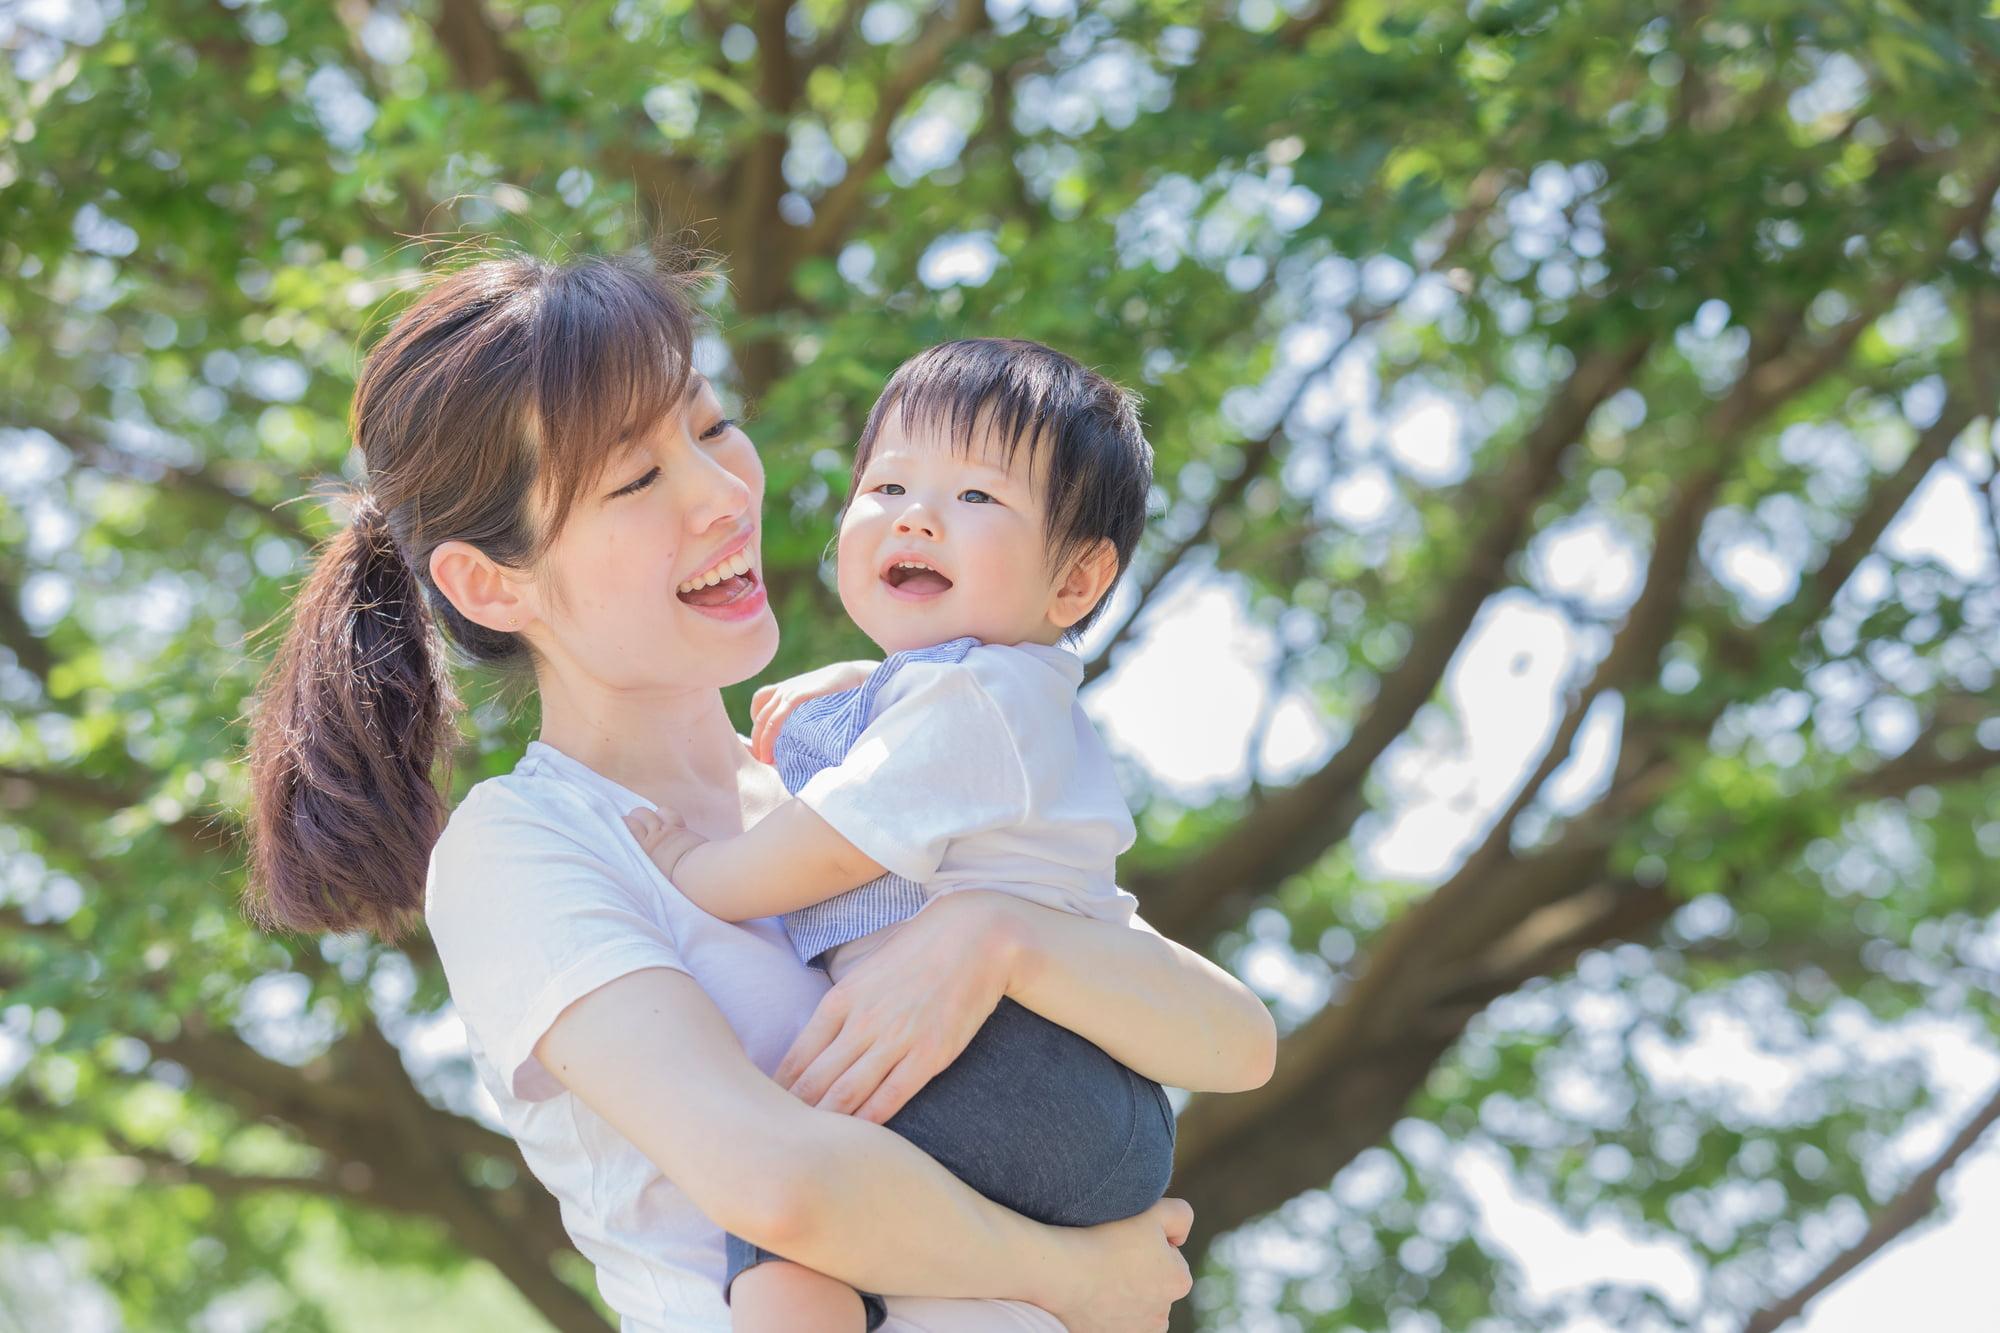 育児する母親